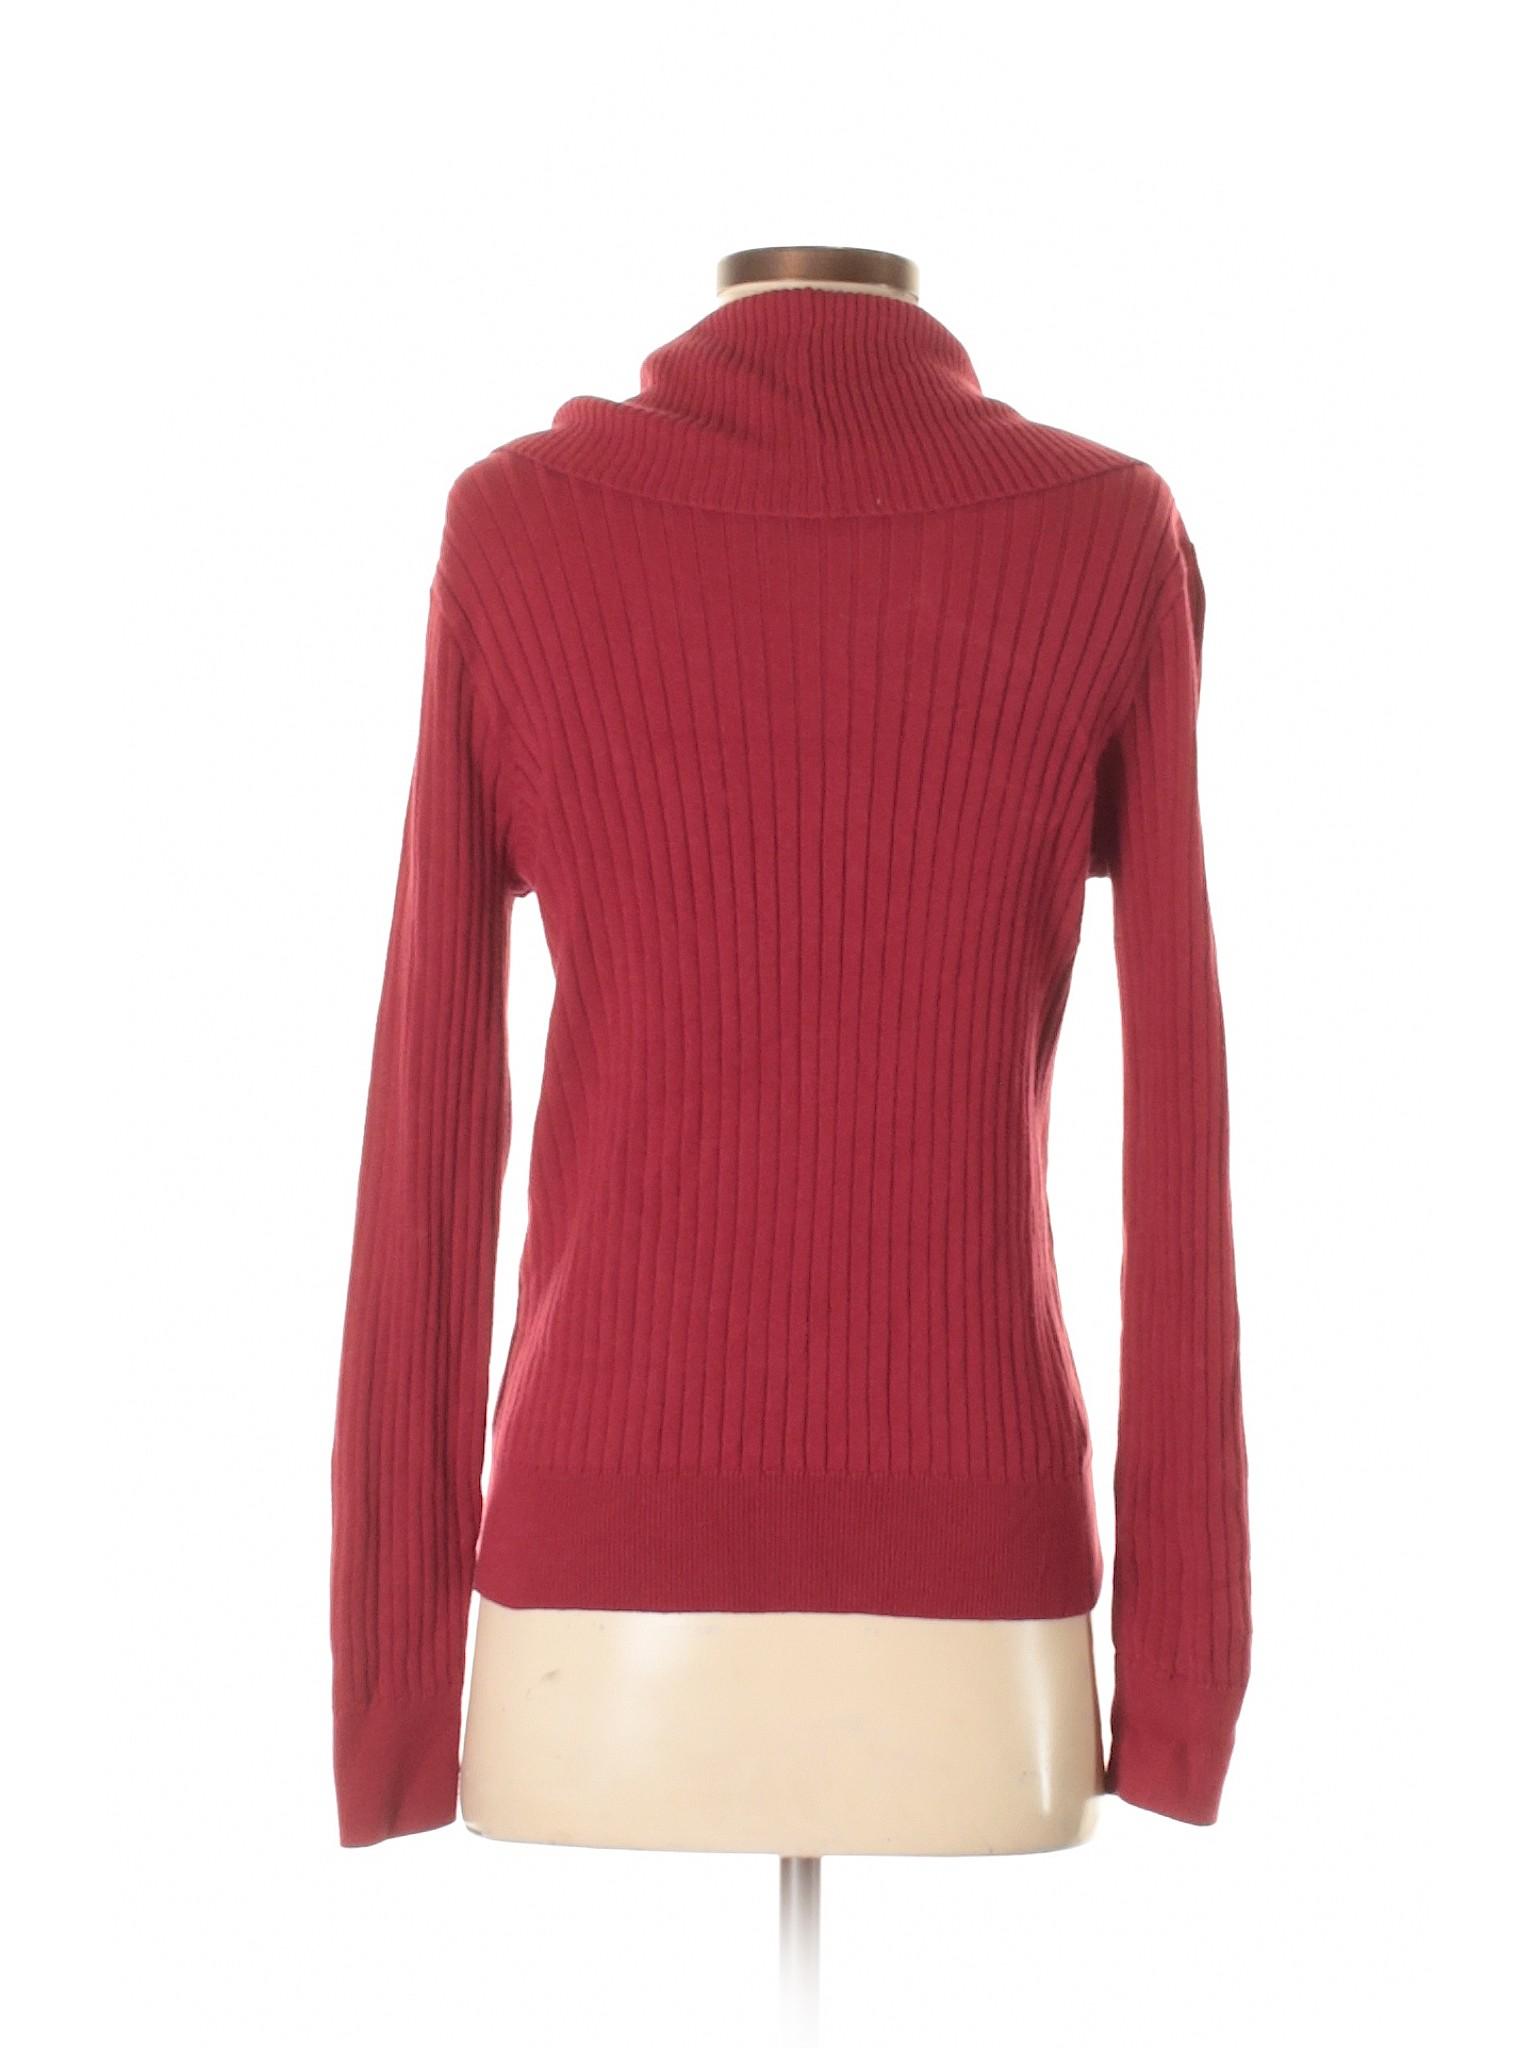 Boutique Boutique Jeanne Sweater Pierre Pullover Boutique Sweater Pullover Boutique Jeanne Pierre Pierre Jeanne Jeanne Sweater Pierre Pullover 0qprBw0